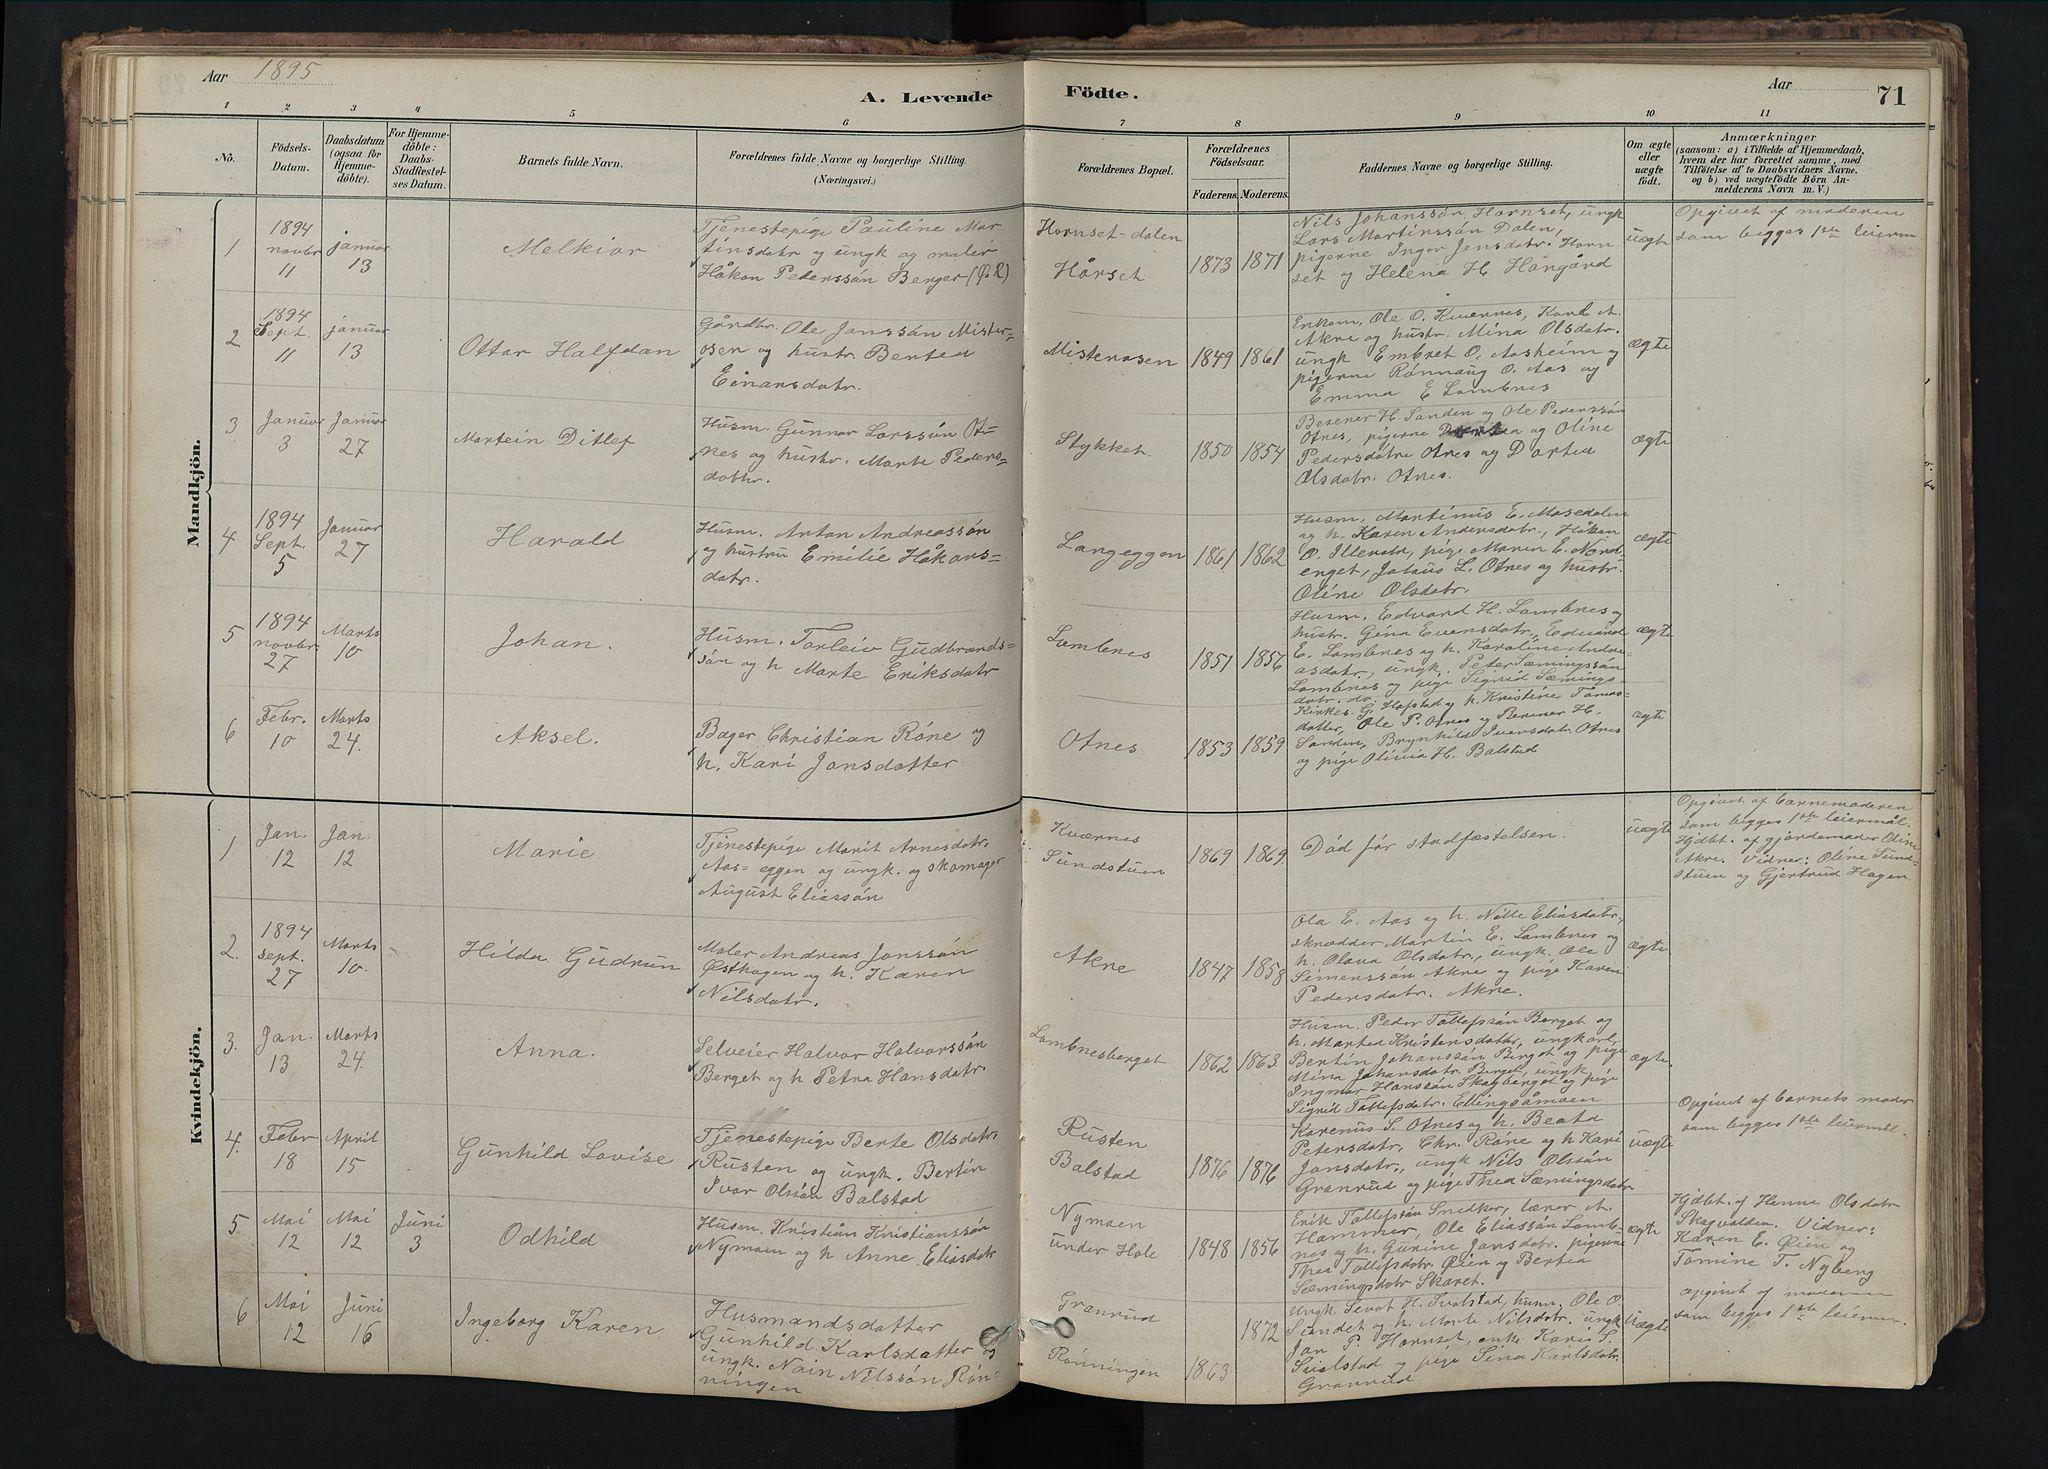 SAH, Rendalen prestekontor, H/Ha/Hab/L0009: Klokkerbok nr. 9, 1879-1902, s. 71